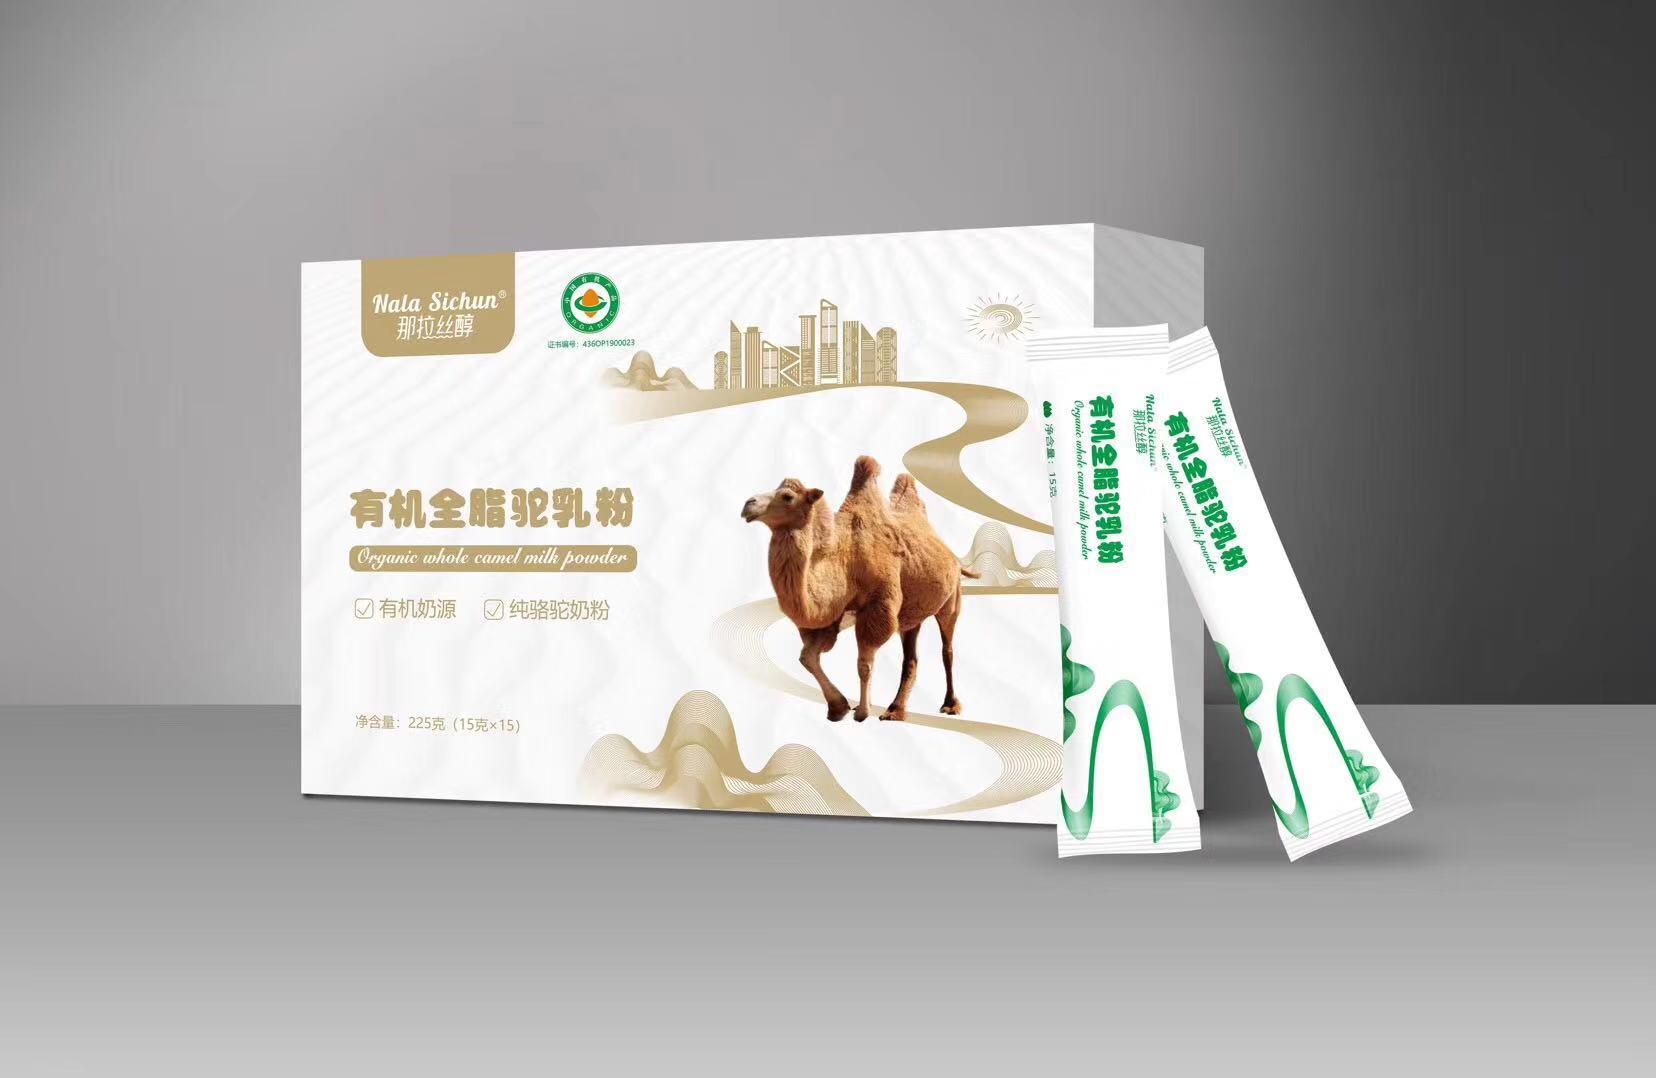 益生菌配方骆驼奶,有机骆驼奶,有机羊奶